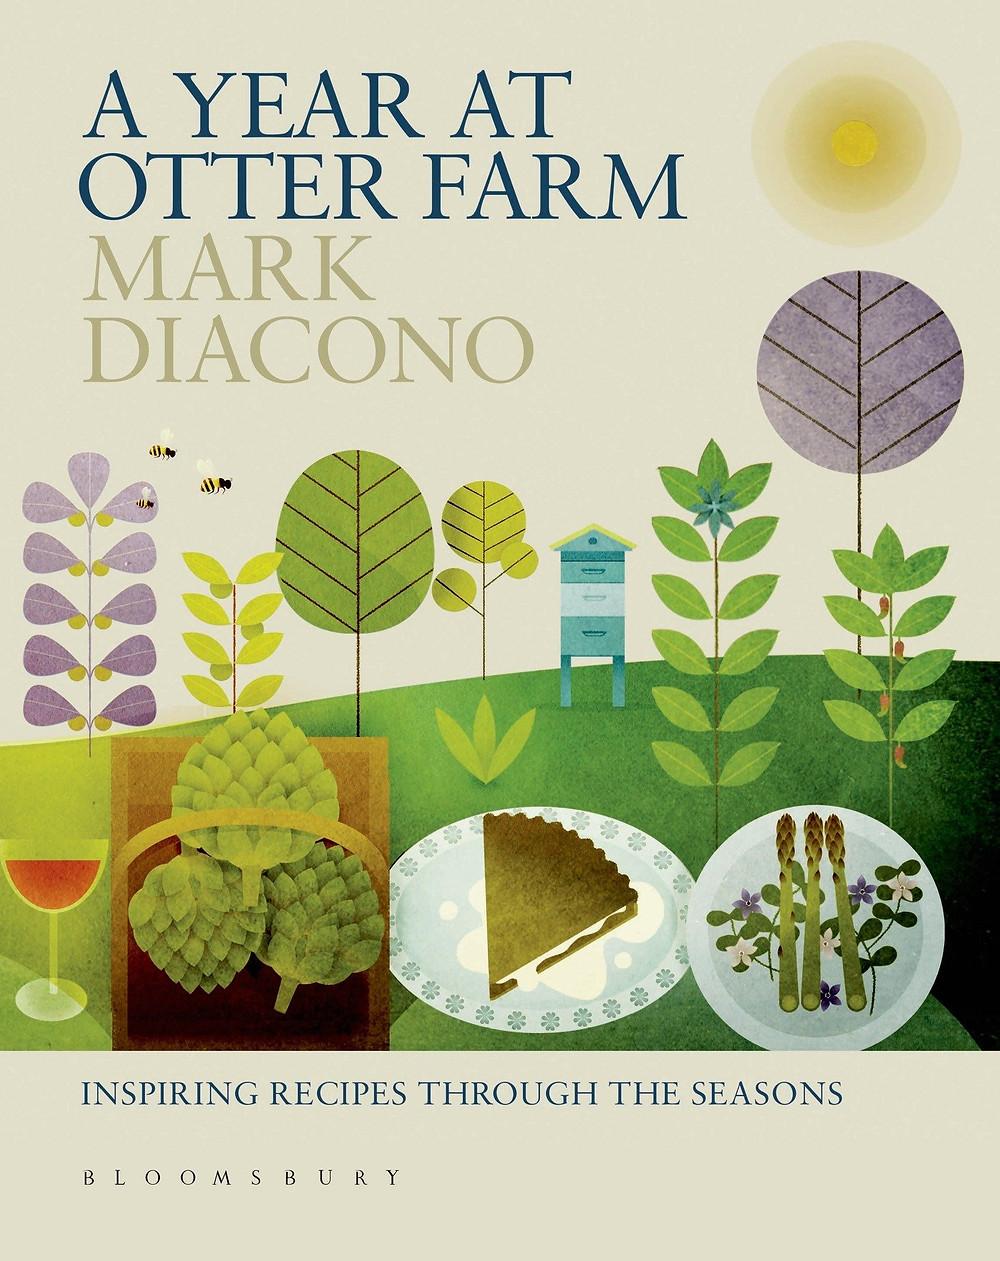 #markdiacono #otterfarm